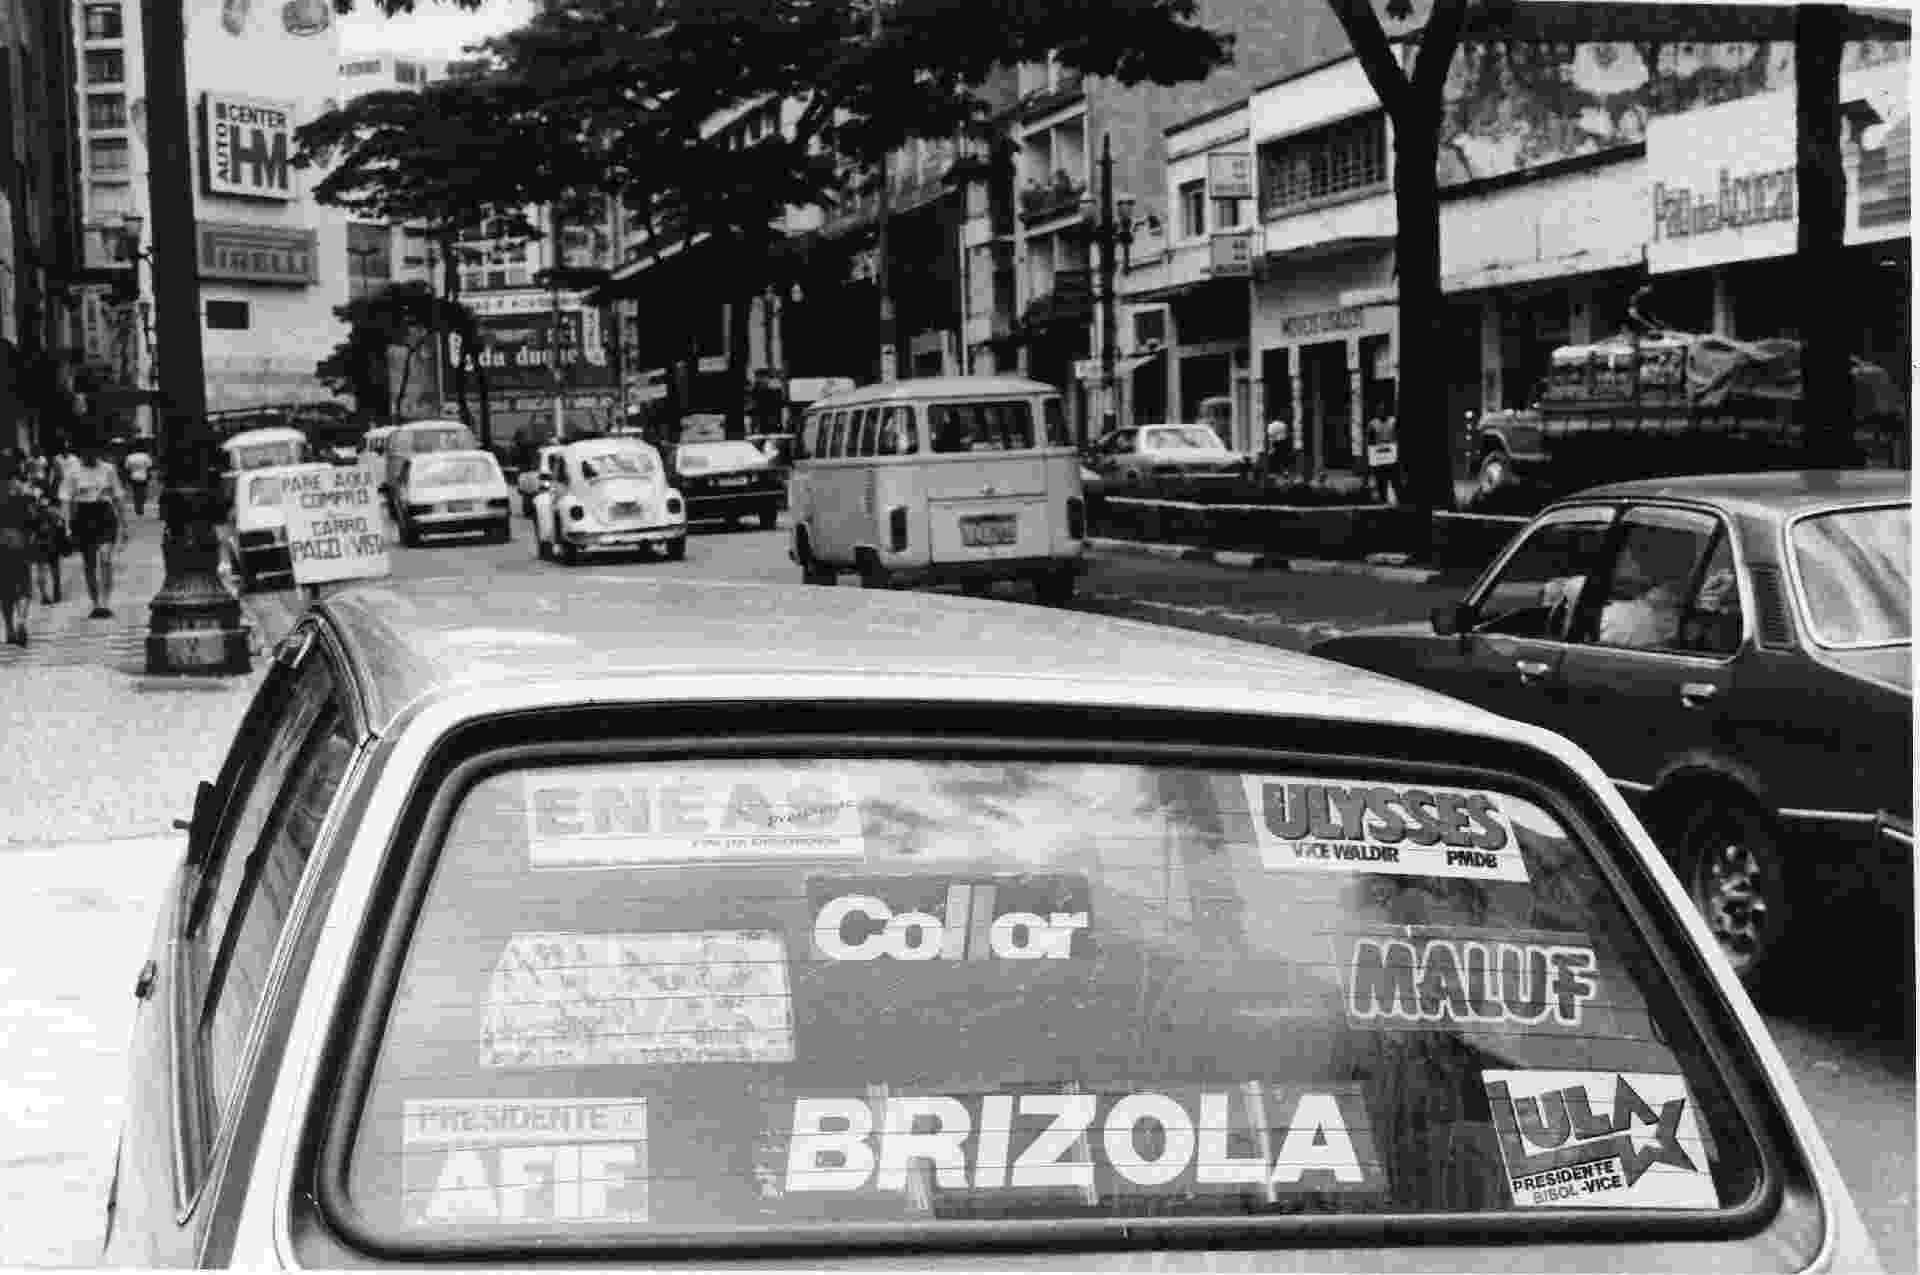 O ambiente partidário fragmentado em 1989 resultou num número recorde de canditaturas: foram 22 aspirantes ao cargo de presidente - Juca Rodrigues/Folhapres